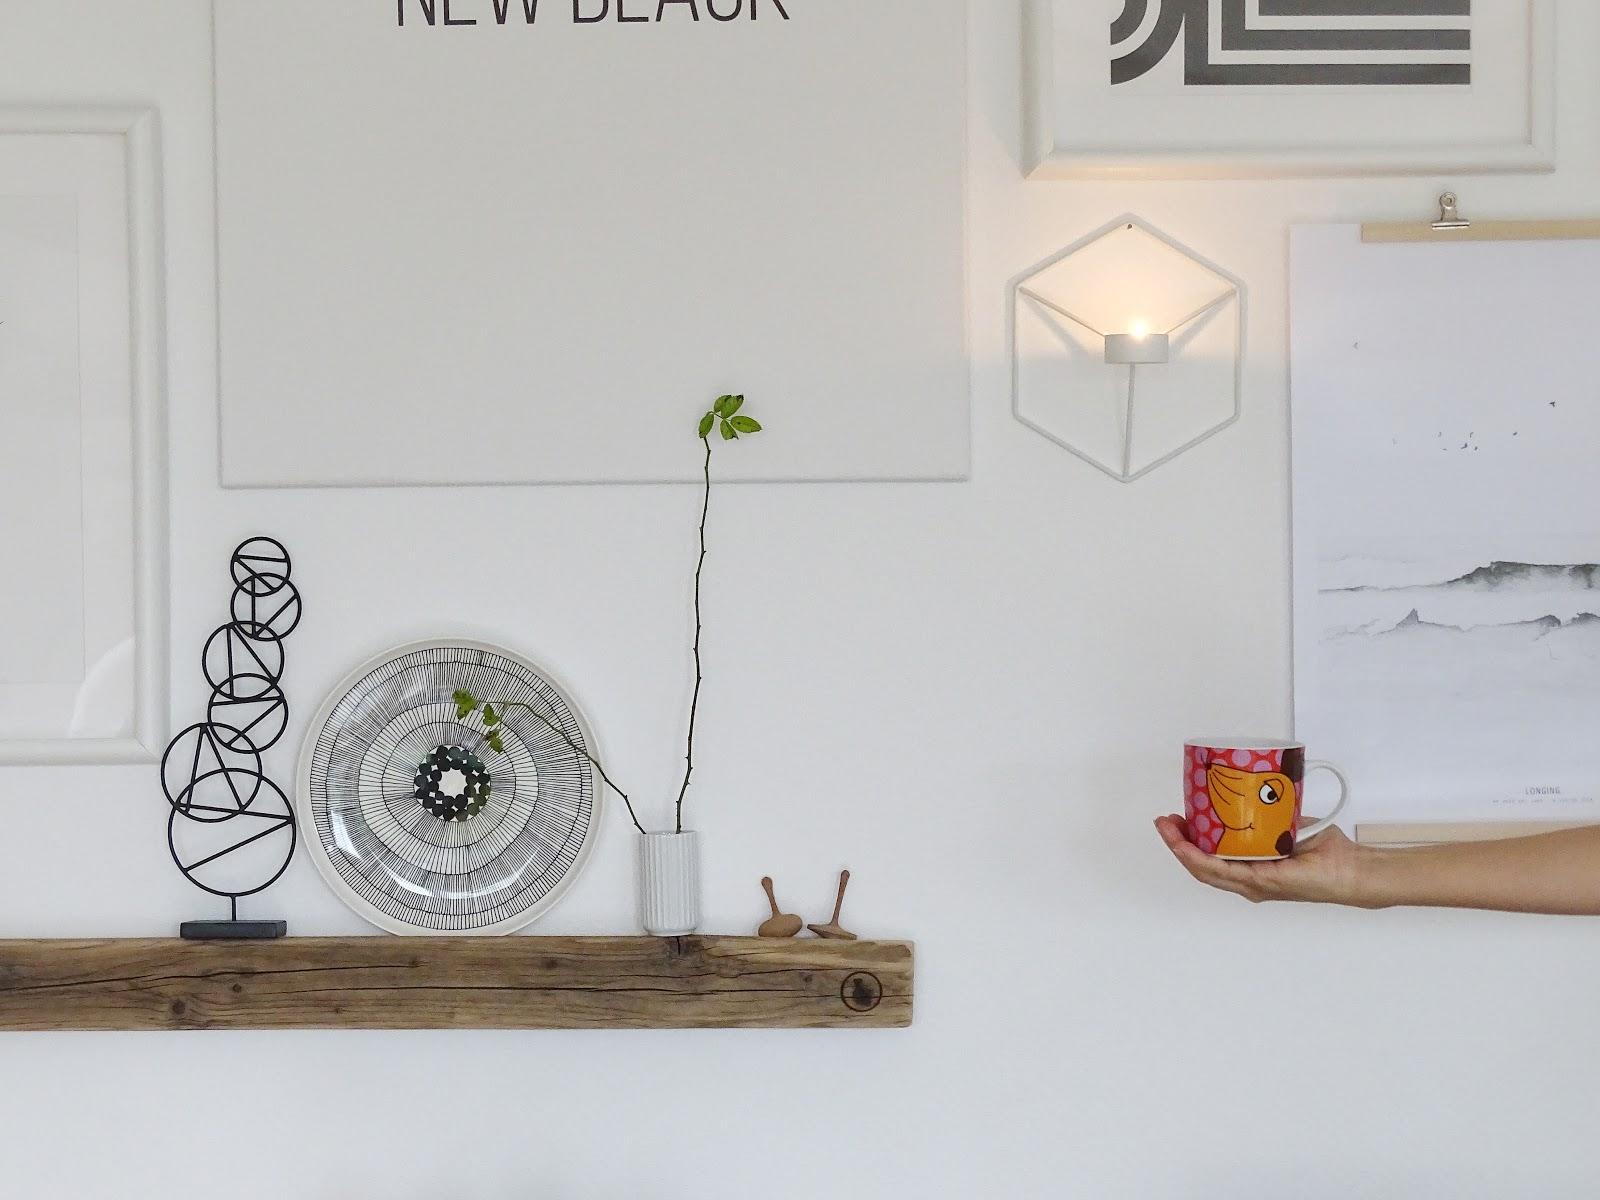 Mit Bilderleisten Wände dekorieren - Fotoaktion #12von12 - https://mammilade.blogspot.de